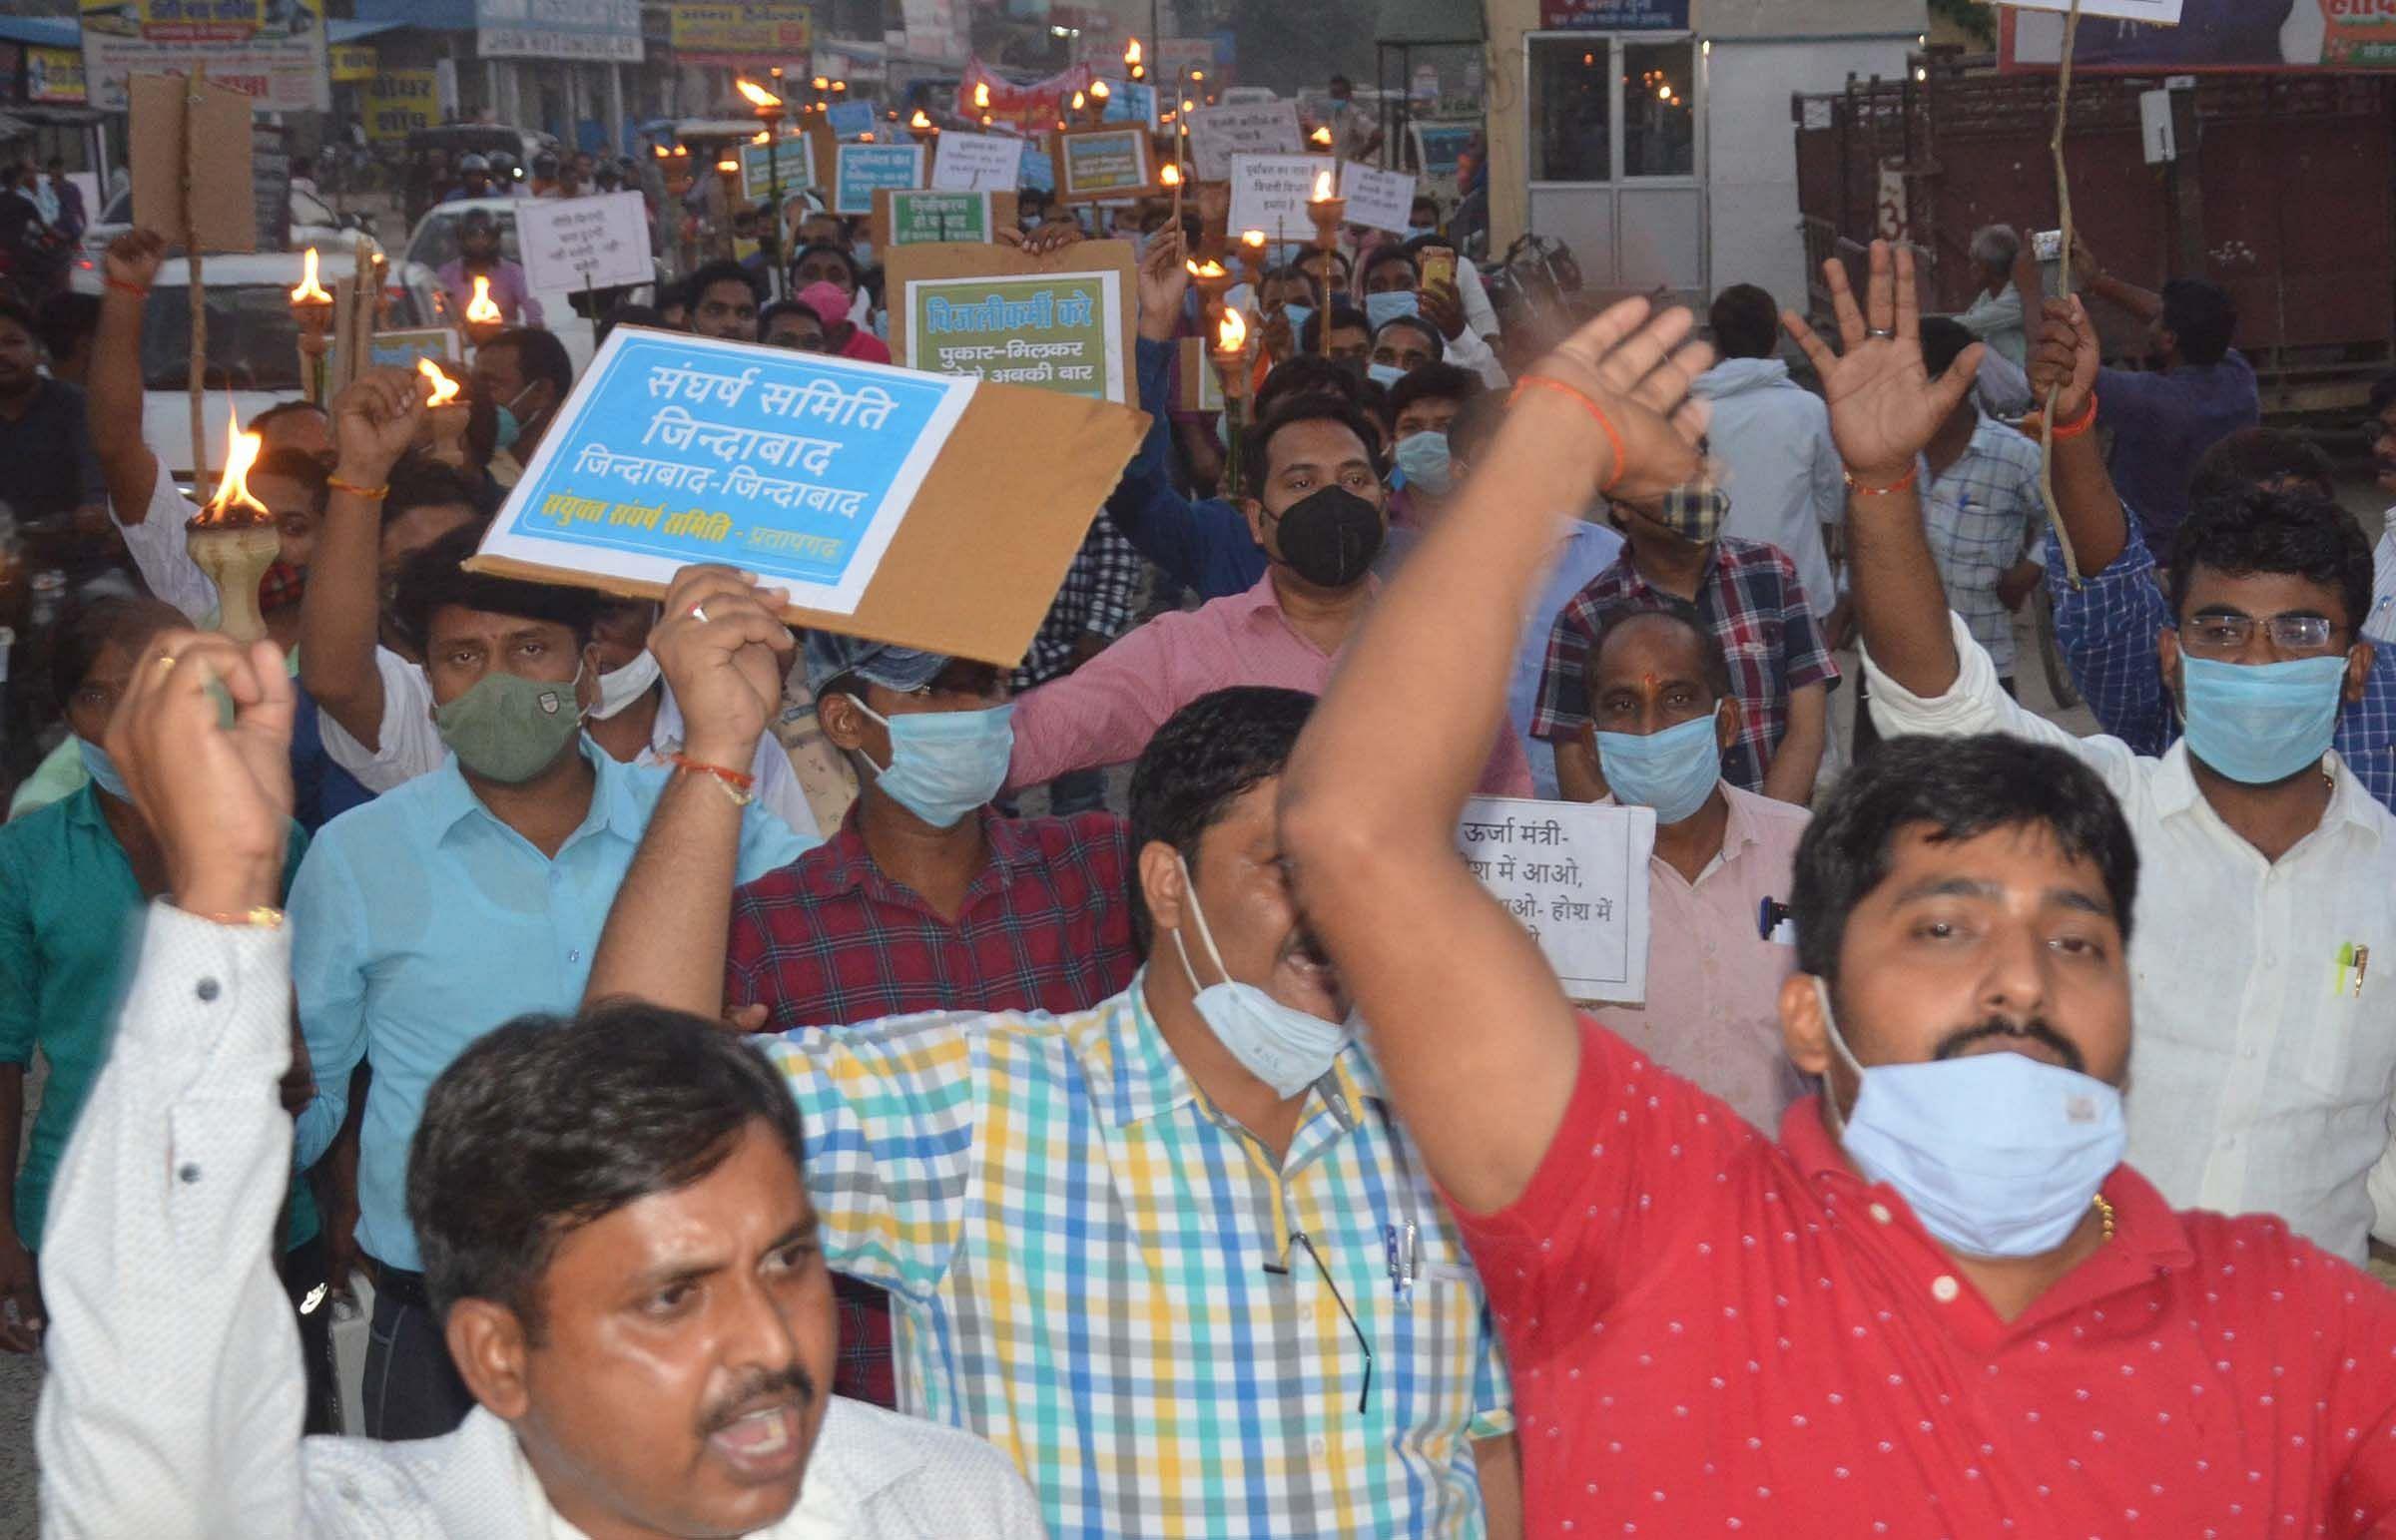 निजीकरण के विरोध में भंगवा चुंगी कार्यालय से मशाल जुलूस निकाले बिजली विभाग के कर्मचारी।